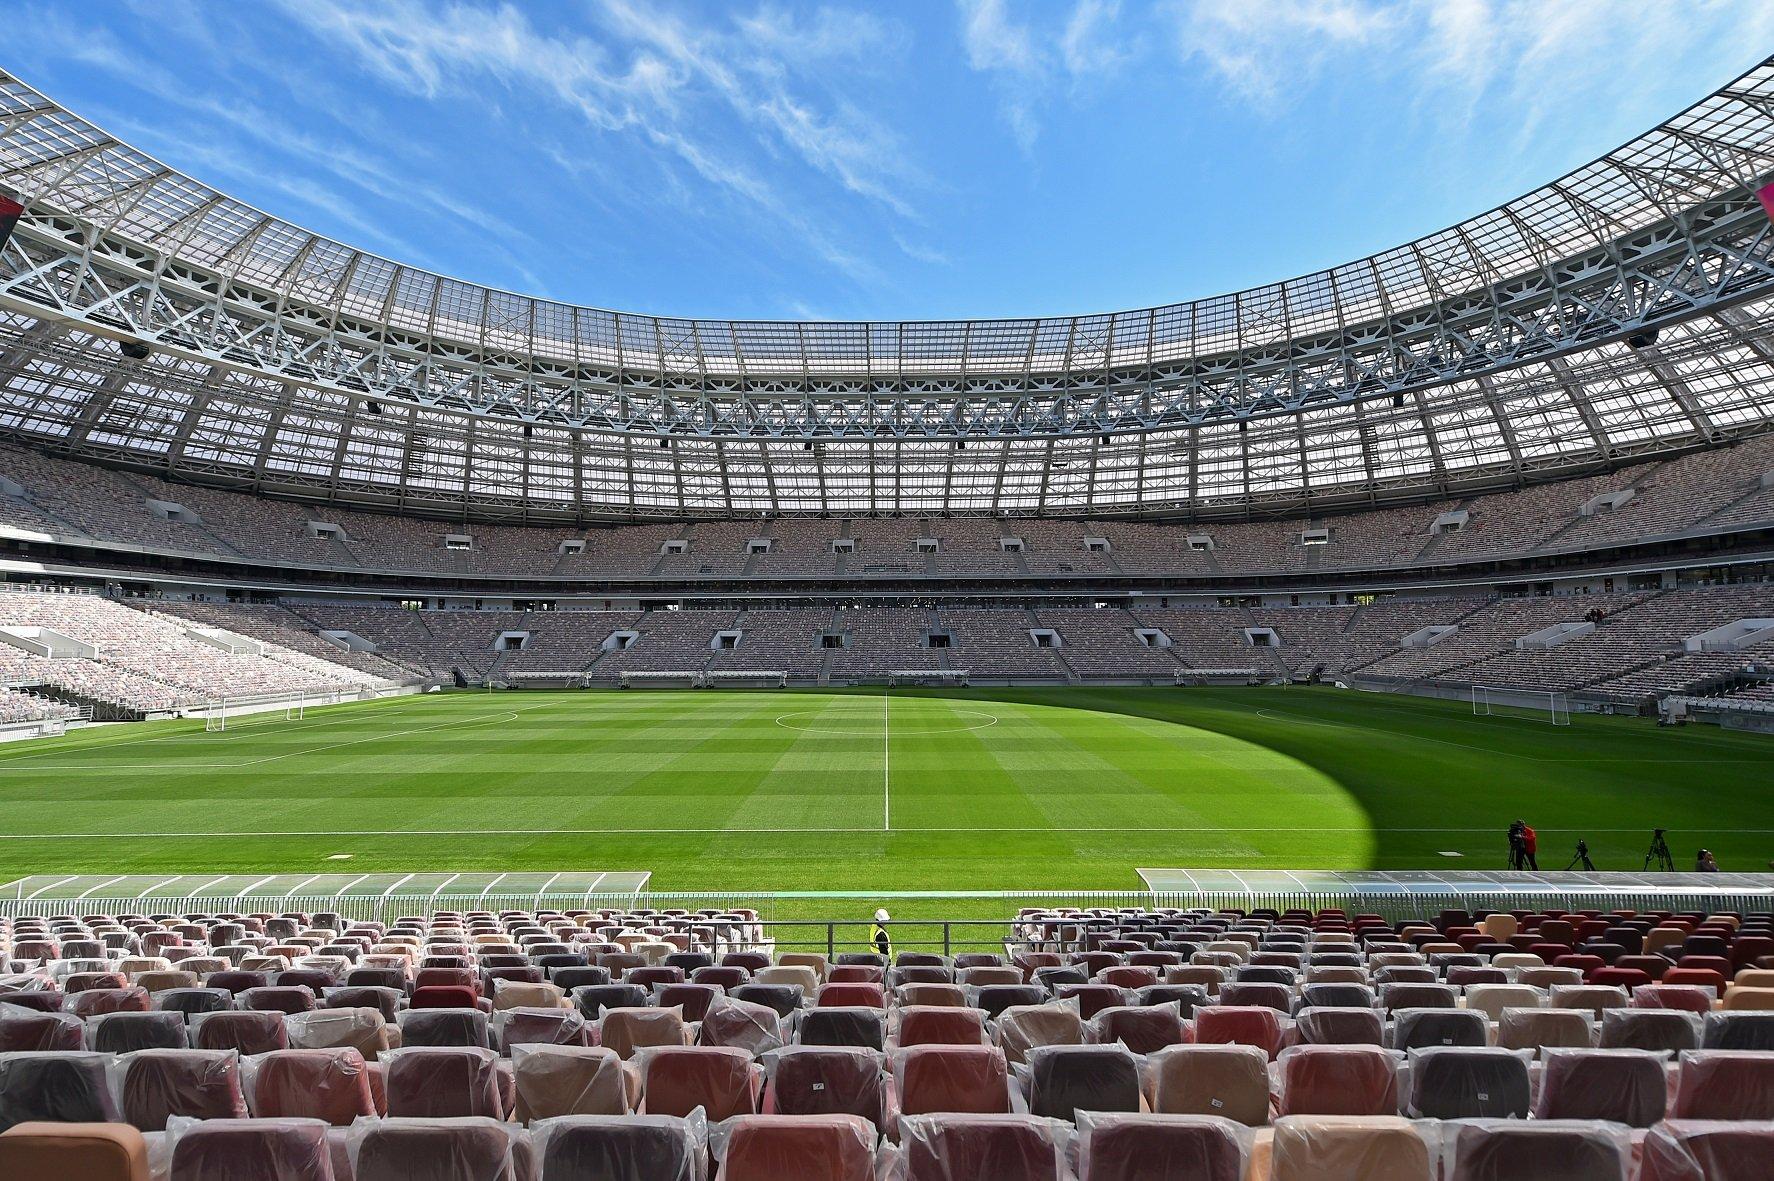 Матч открытия стадиона «Лужники» в Москве состоится сегодня